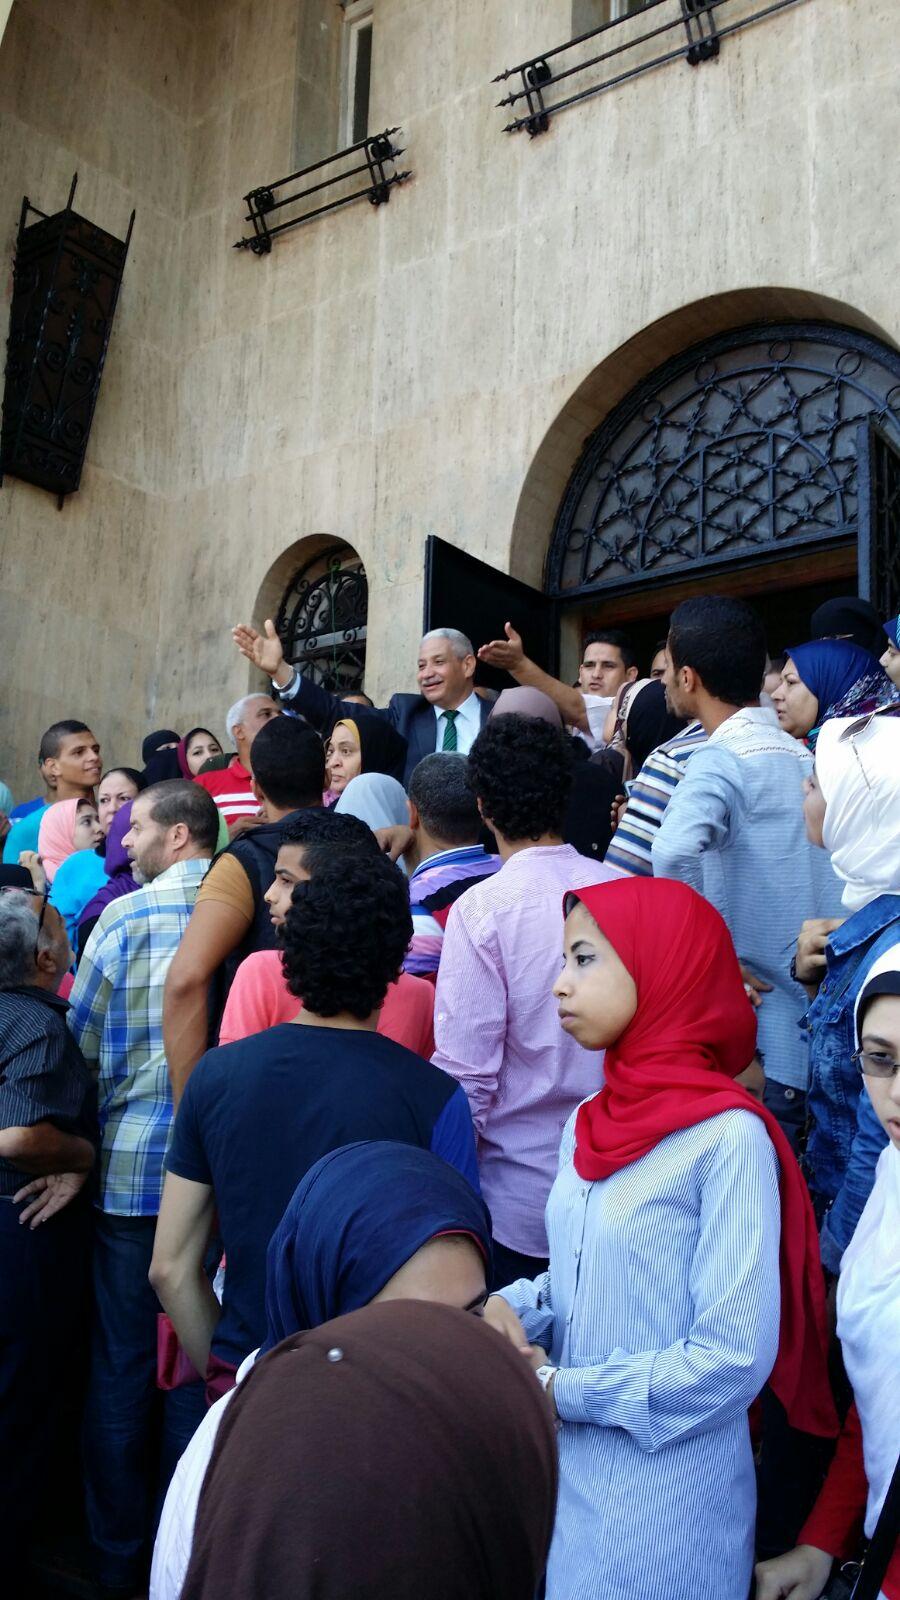 تظاهر طلاب أمام إدارة جامعة الإسكندرية ضد توزيعهم على كليات بجنوب مصر